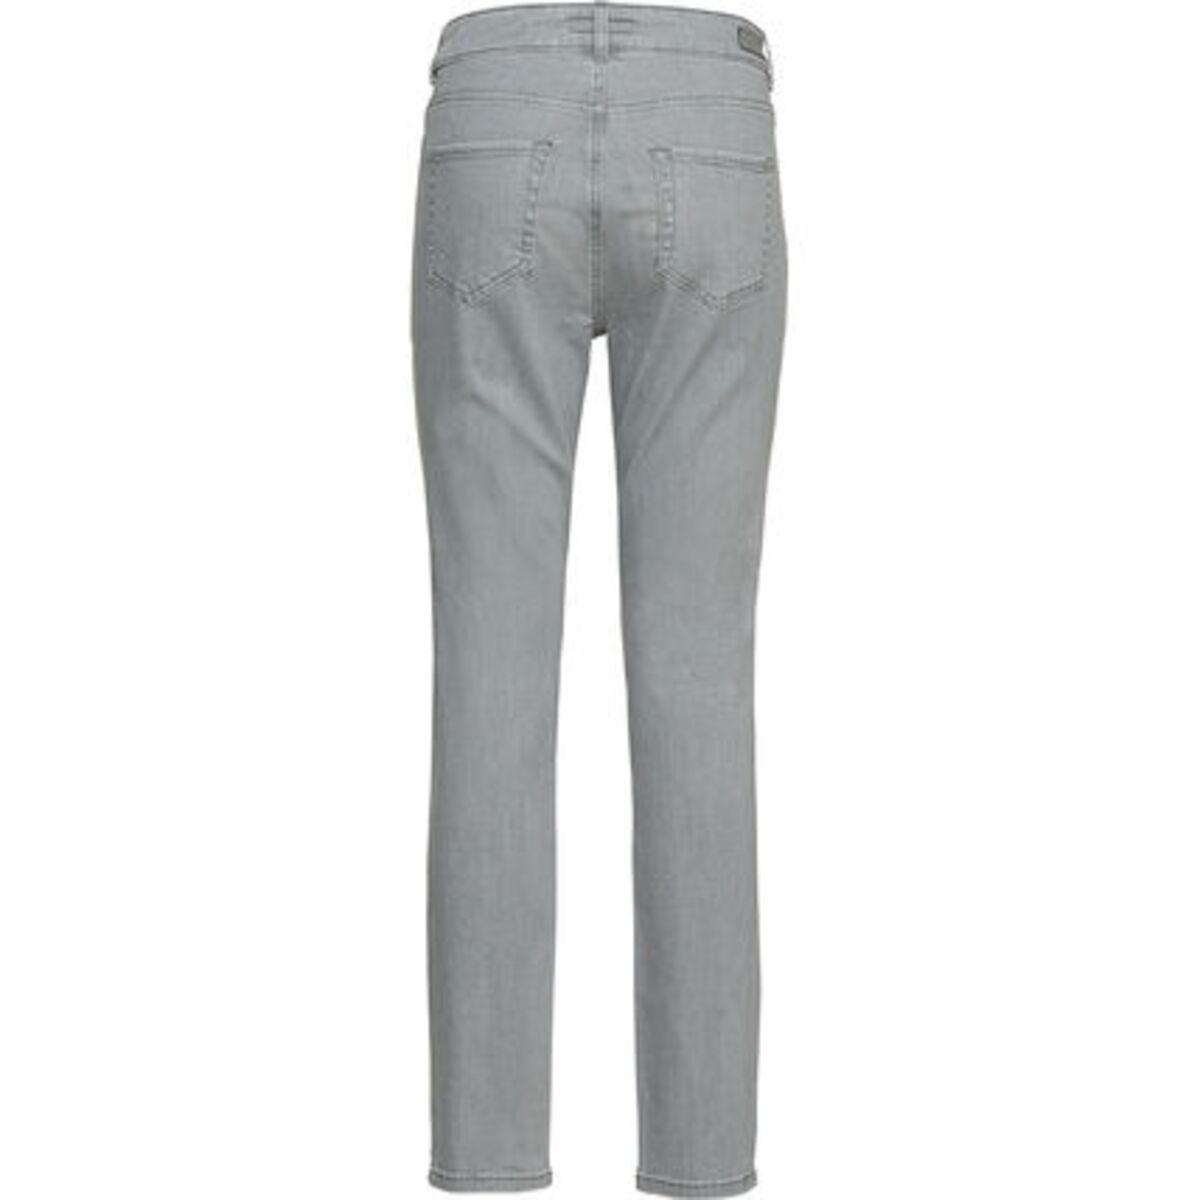 """Bild 2 von Adagio Jeans """"Sonja"""", 5-Pocket, slim fit, für Damen"""